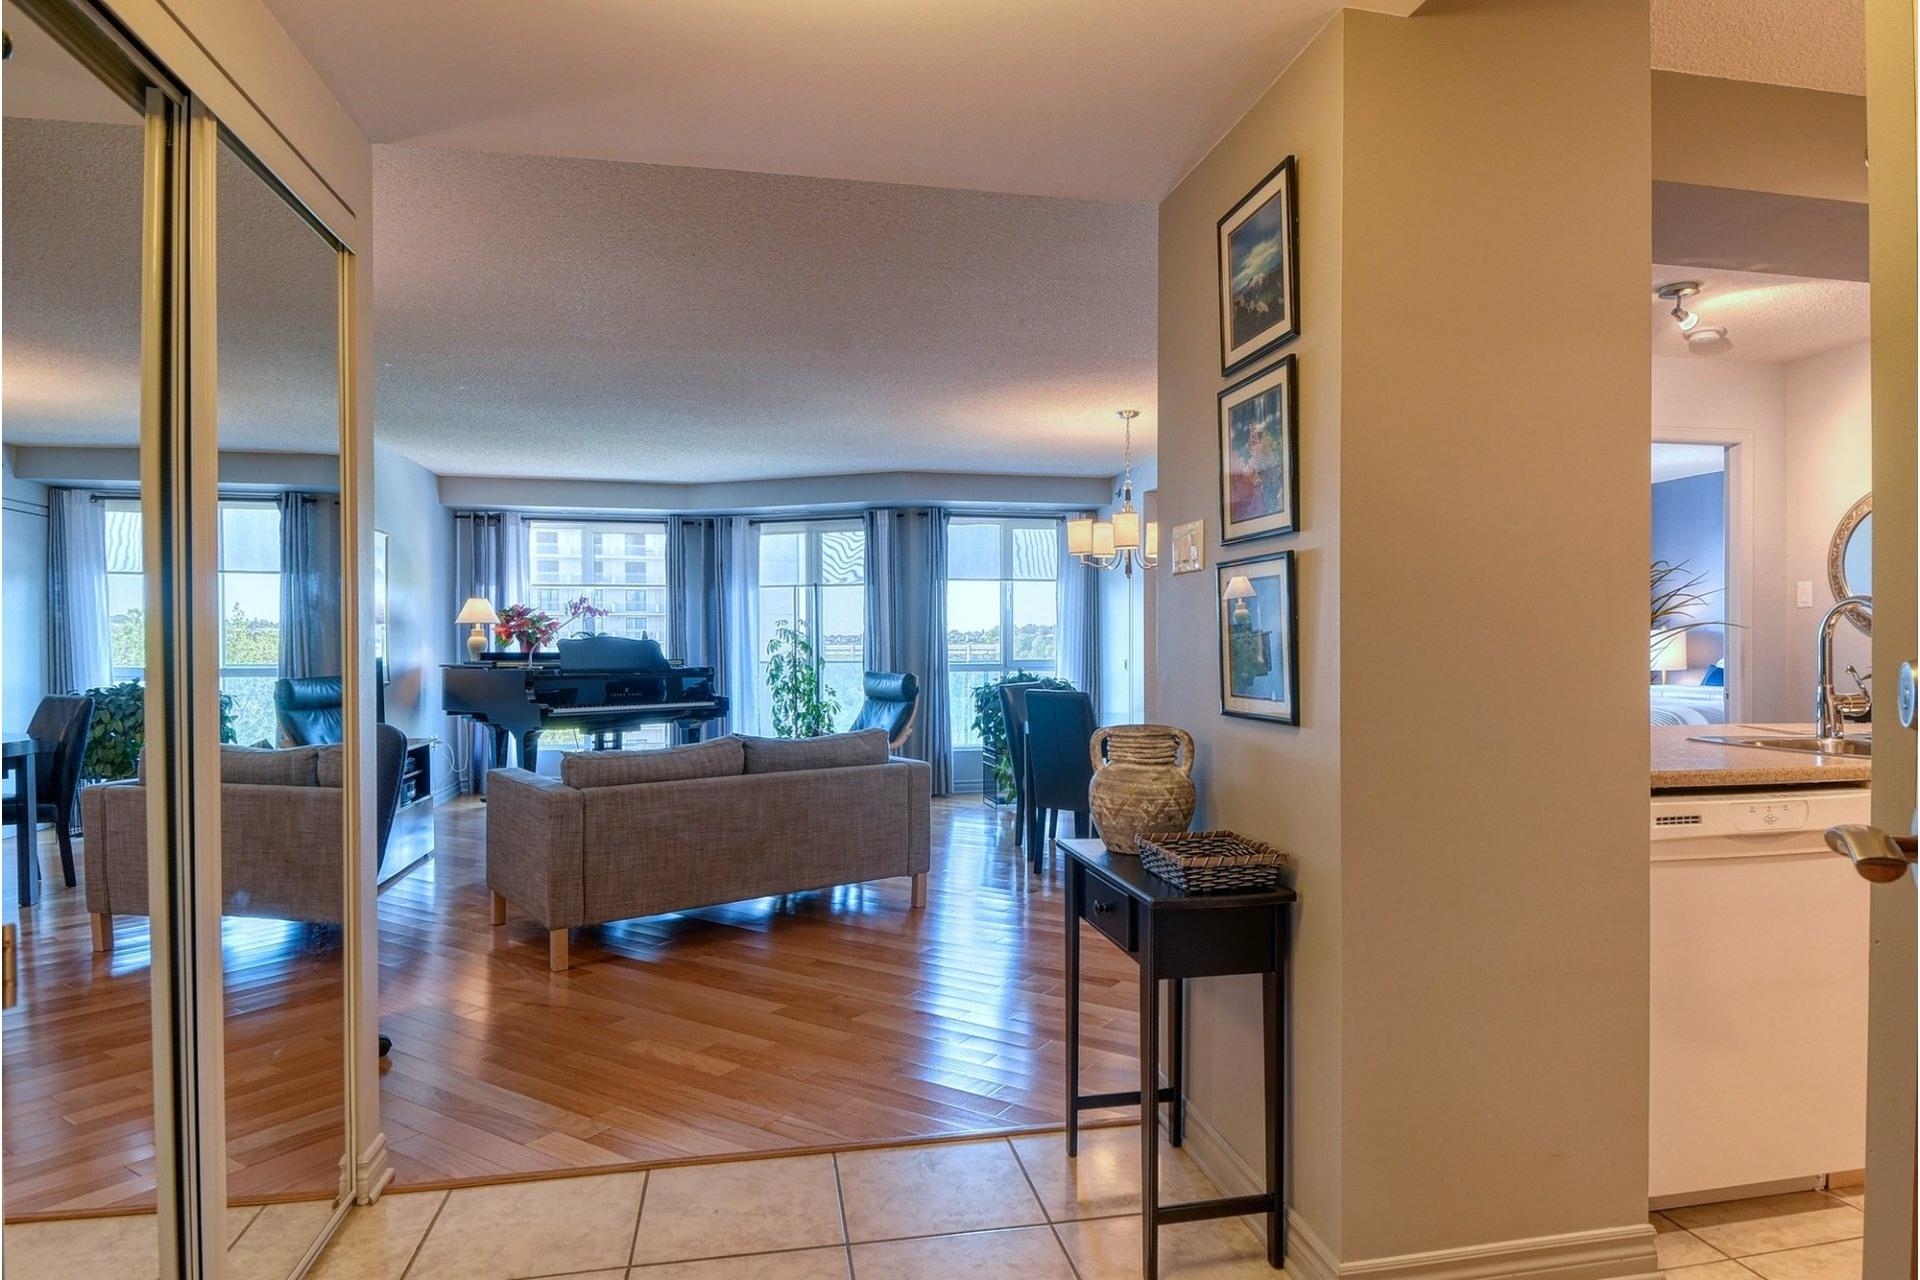 image 2 - Appartement À vendre Montréal-Nord Montréal  - 4 pièces